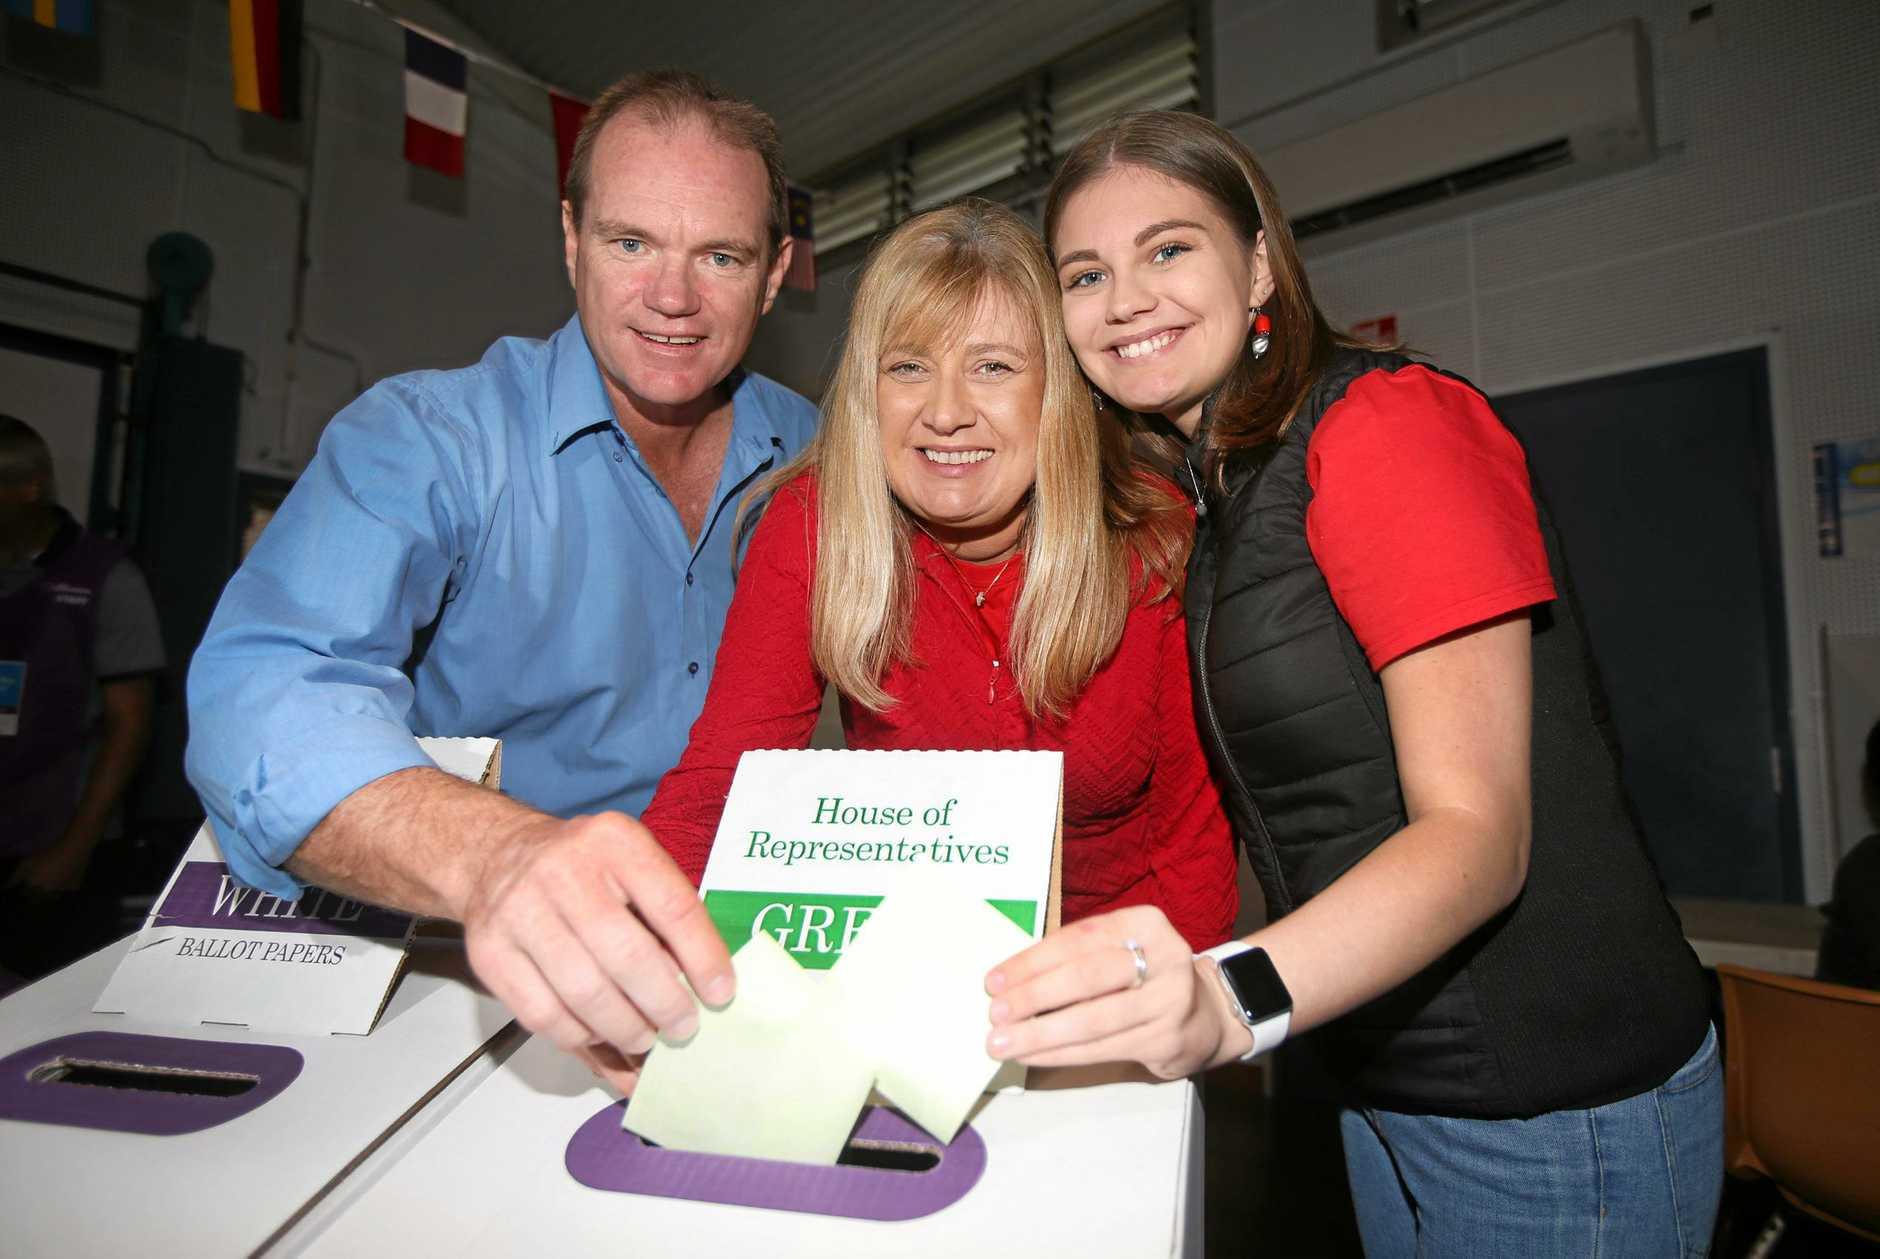 Craig Elliot, Richmond MP Justine Elliot and their daughter Alex cast their votes.